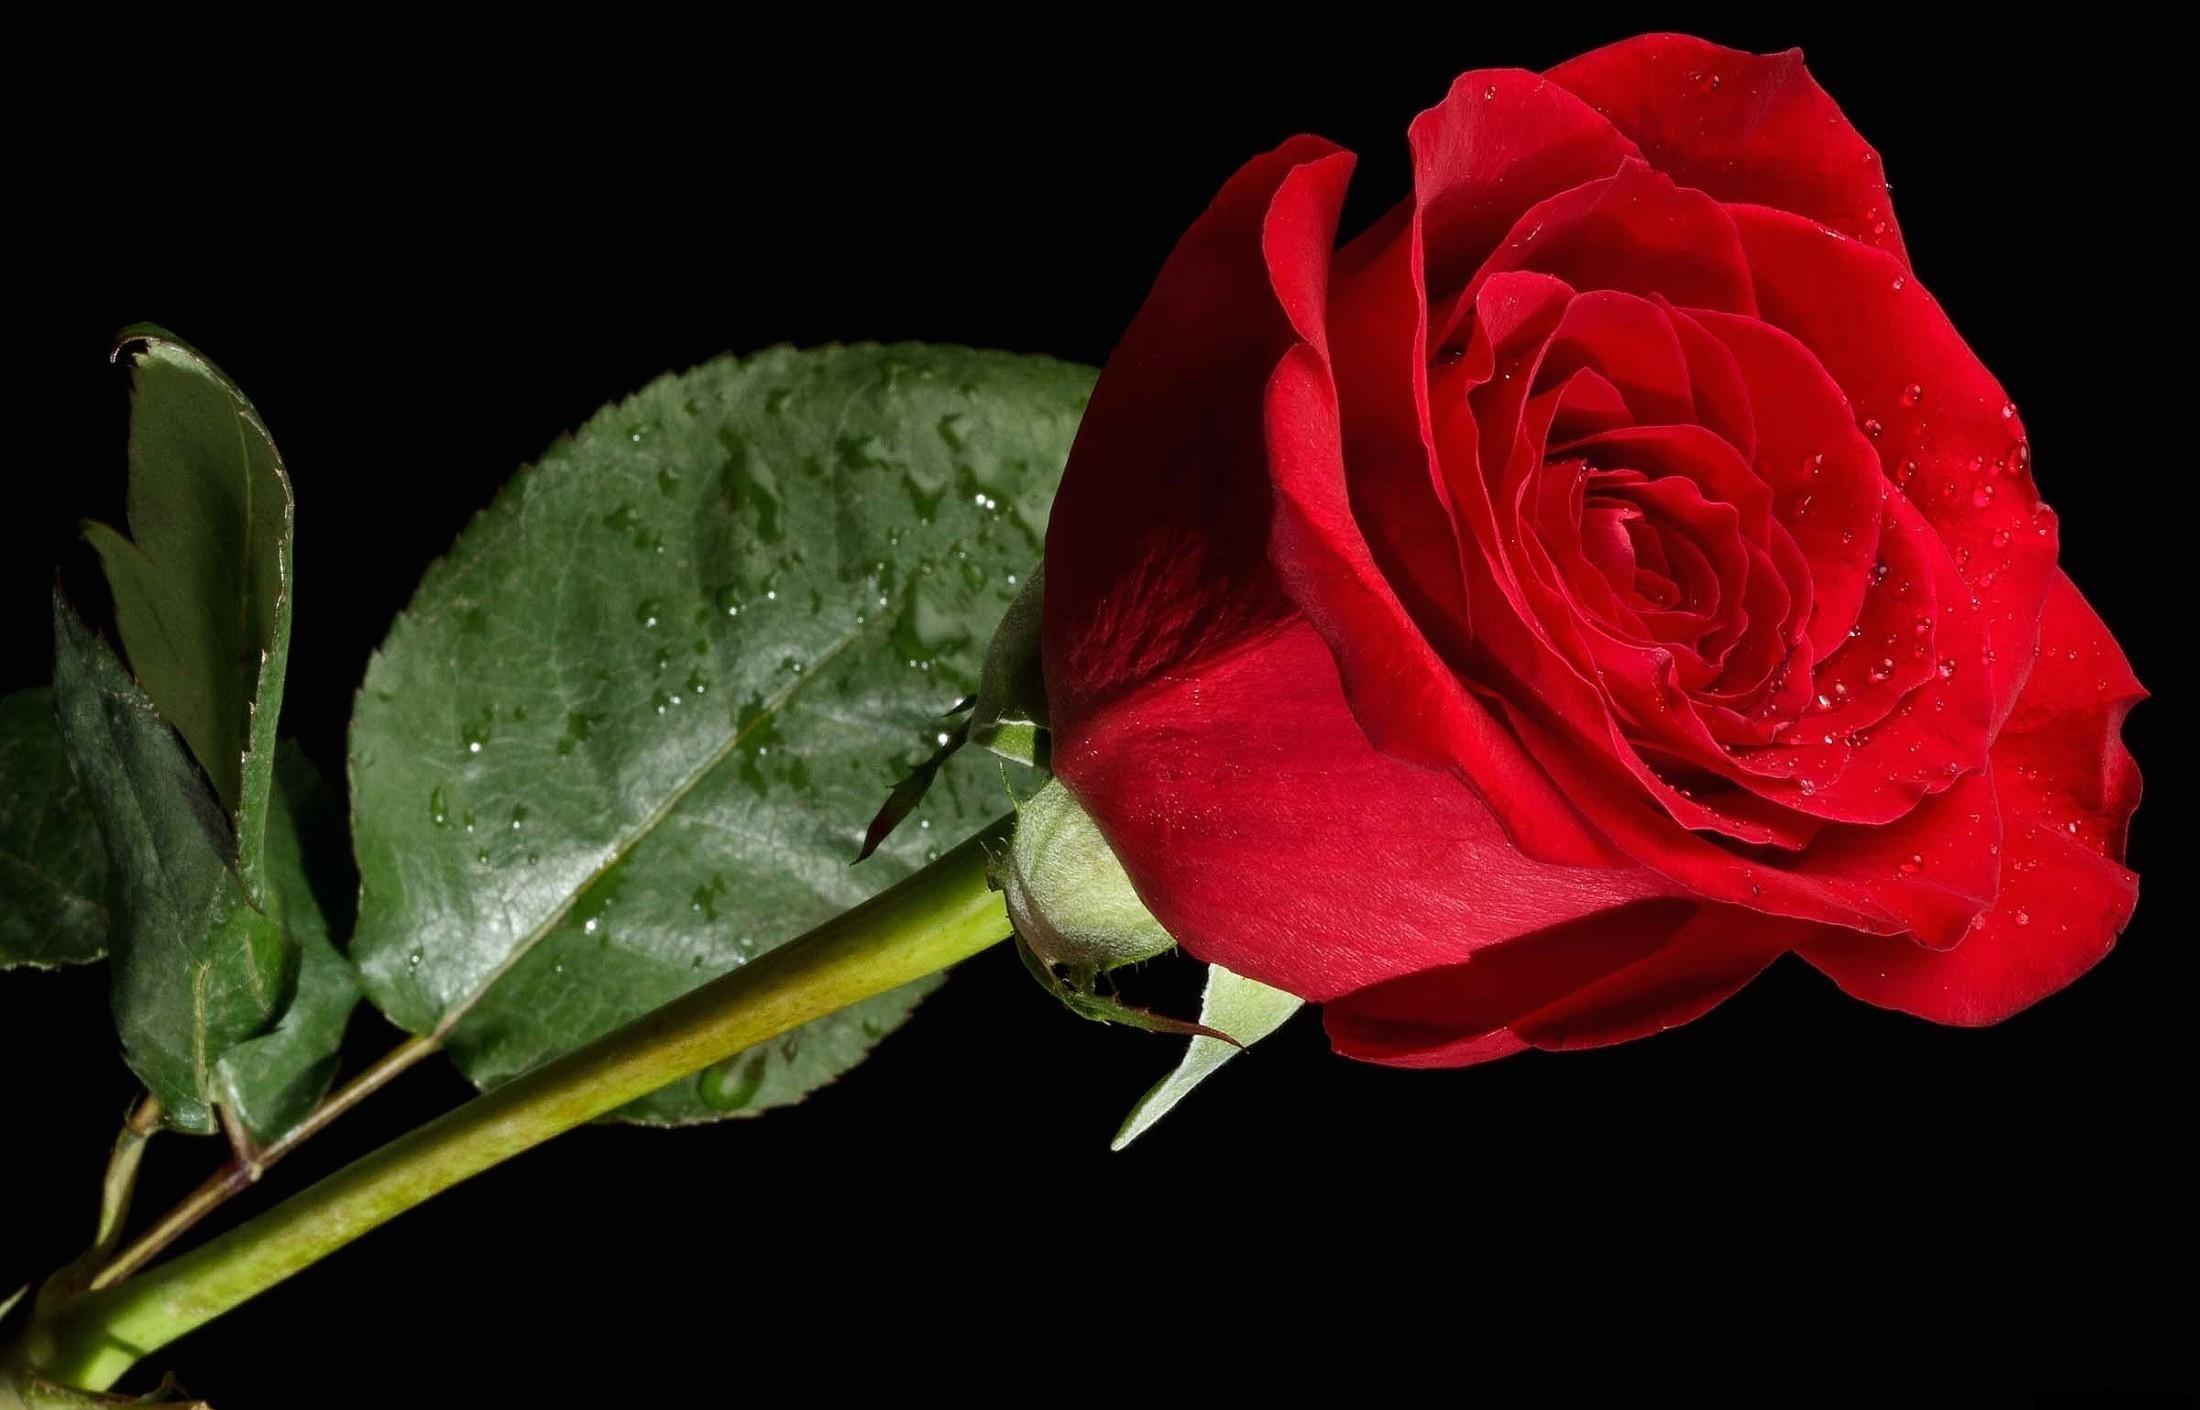 Sfondi Rosa Fiore Rosso Sfondo Nero 2200x1410 Coolwallpapers